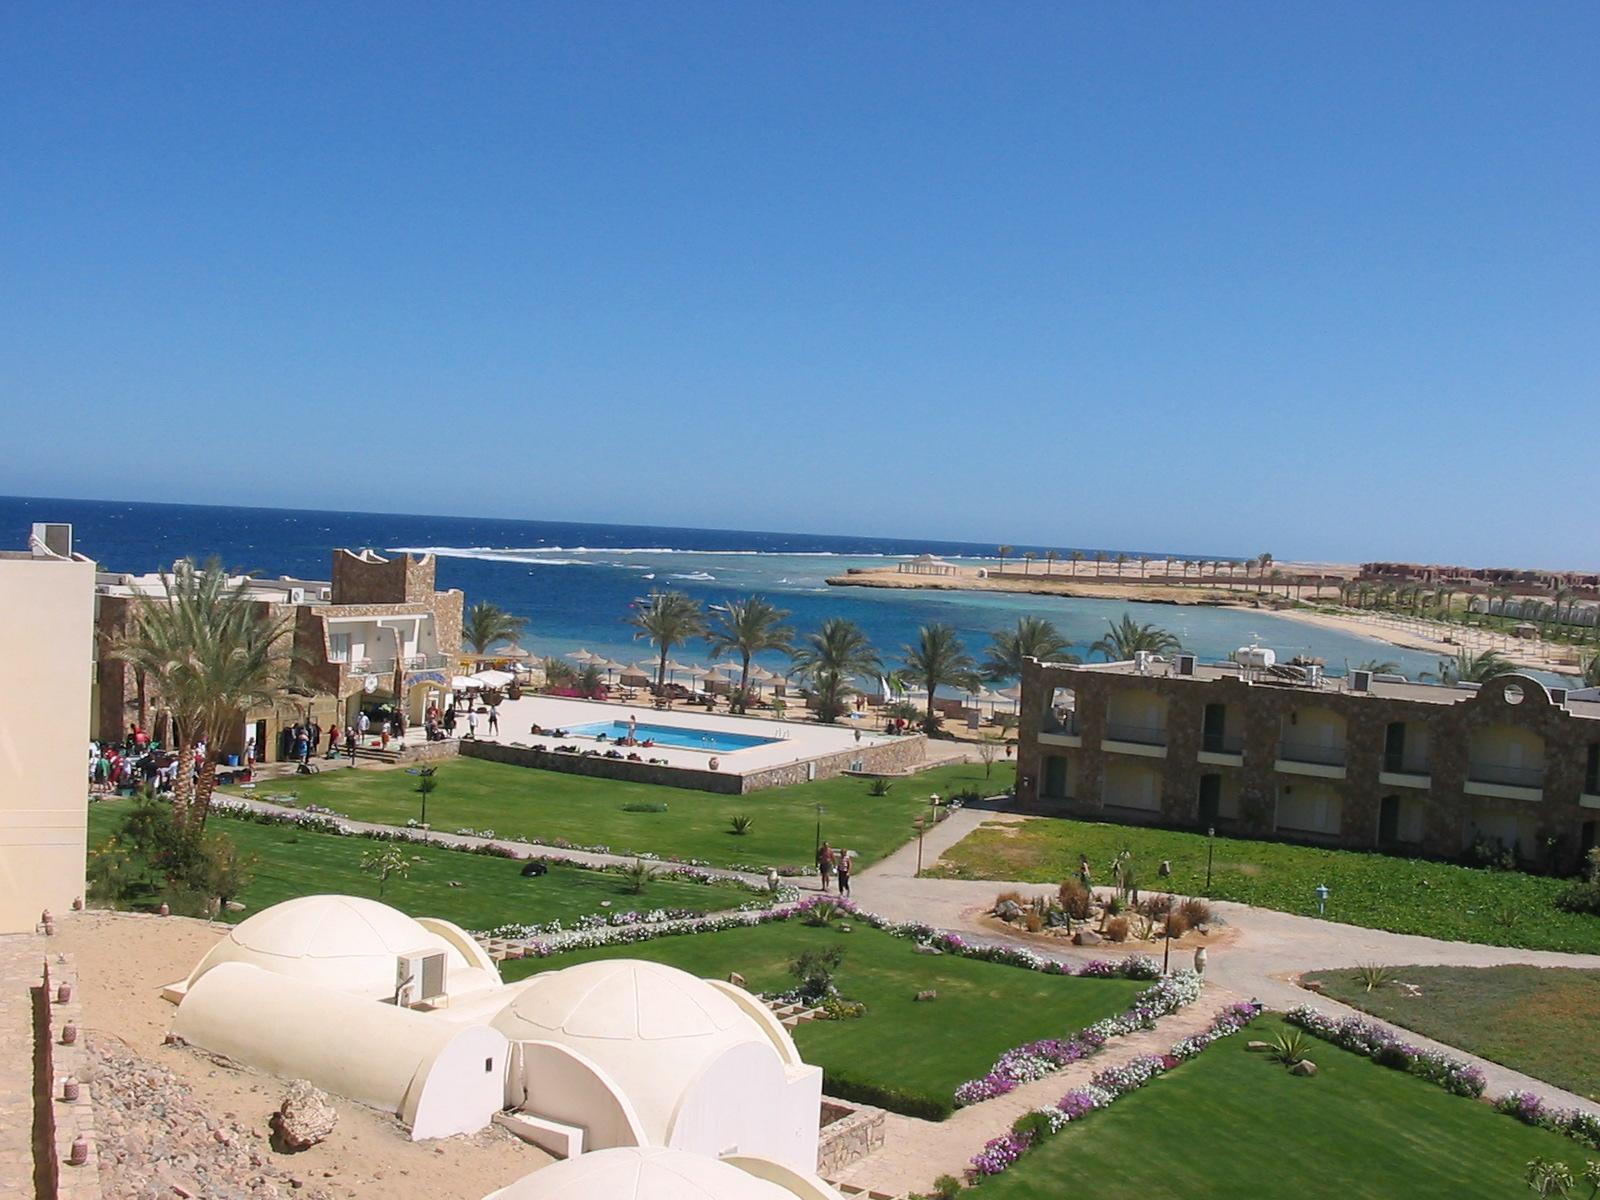 Hotelressort an eigener Bucht in Ägypten